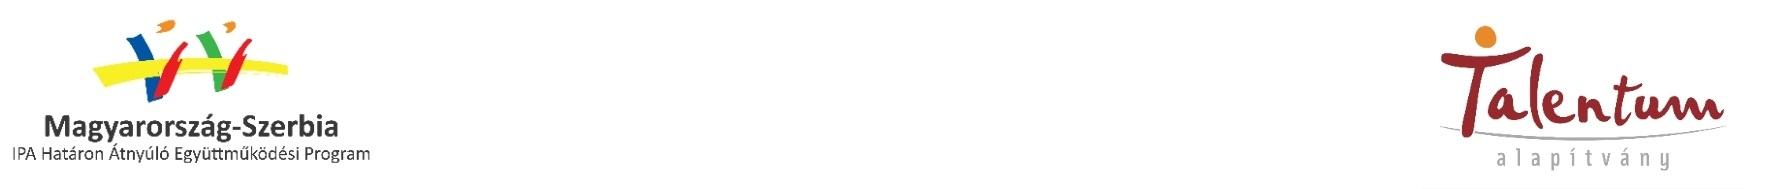 magyarszerb_talentum_logo